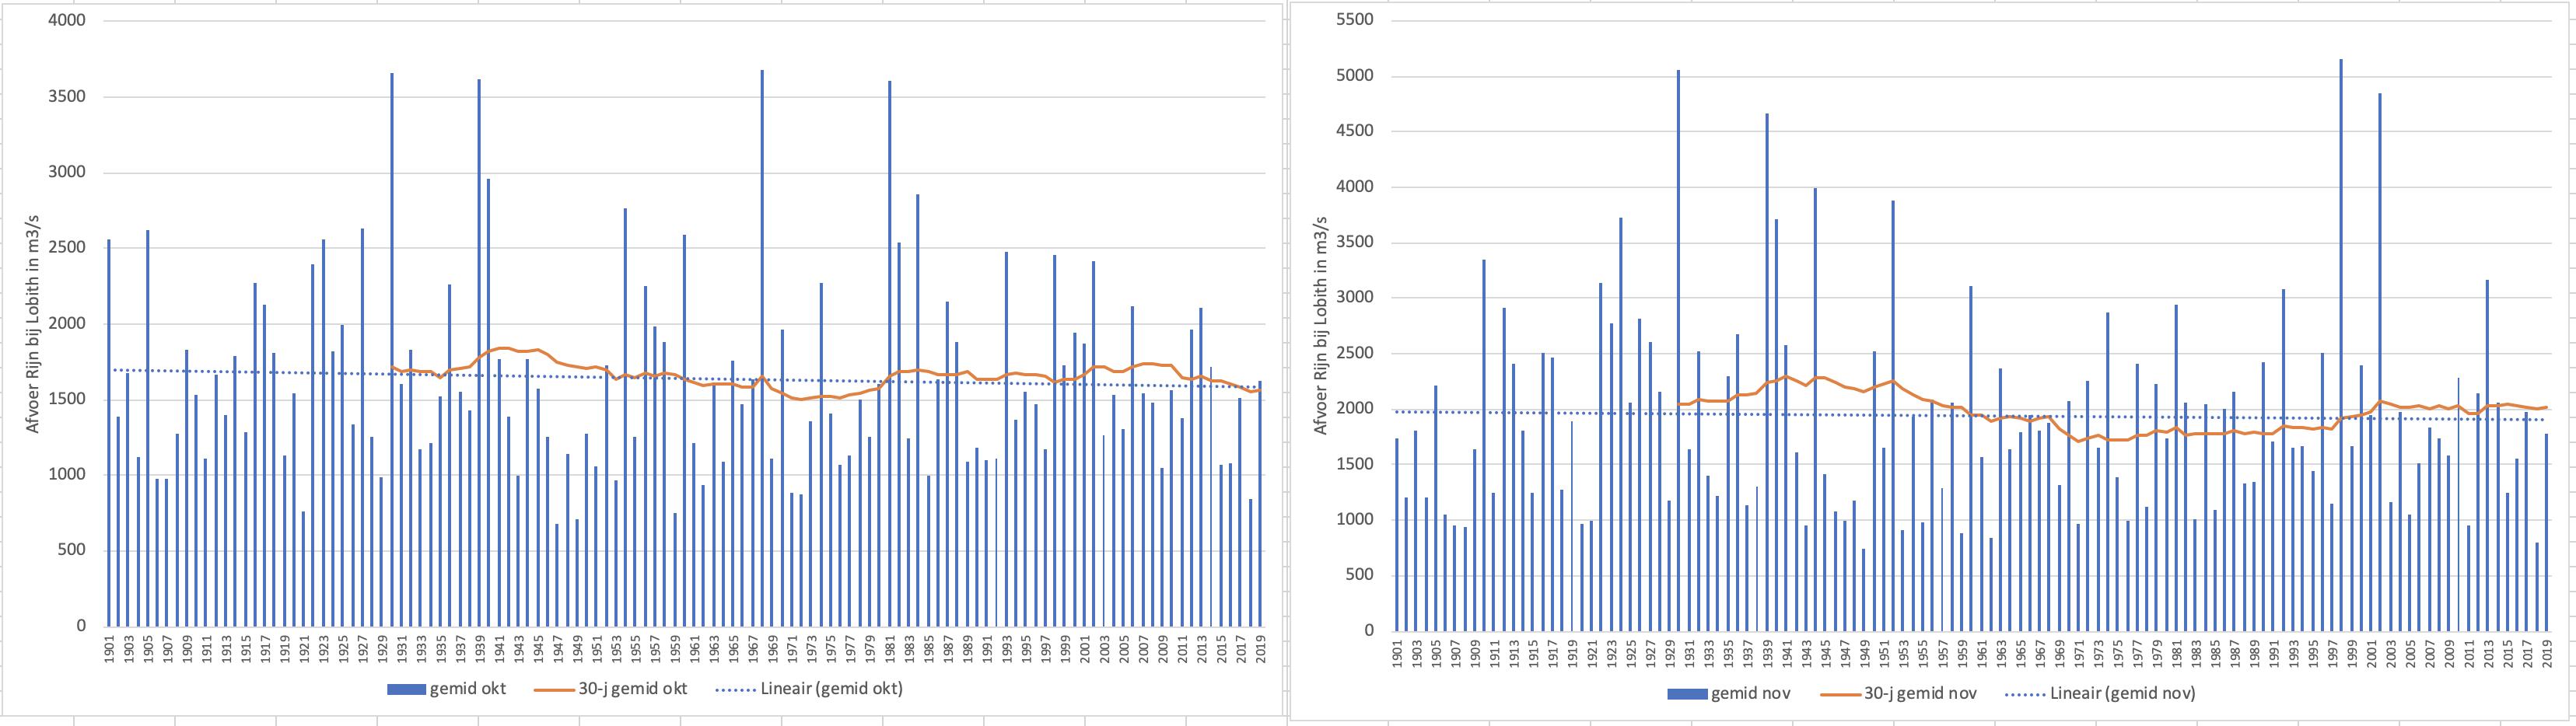 Gemiddelde afvoer van de Rijn bij Lobith in oktober (links) en november (rechts) voor de periode 1901-2019; inclusief de trendlijn over de periode en het 30 jarig gemiddelde.